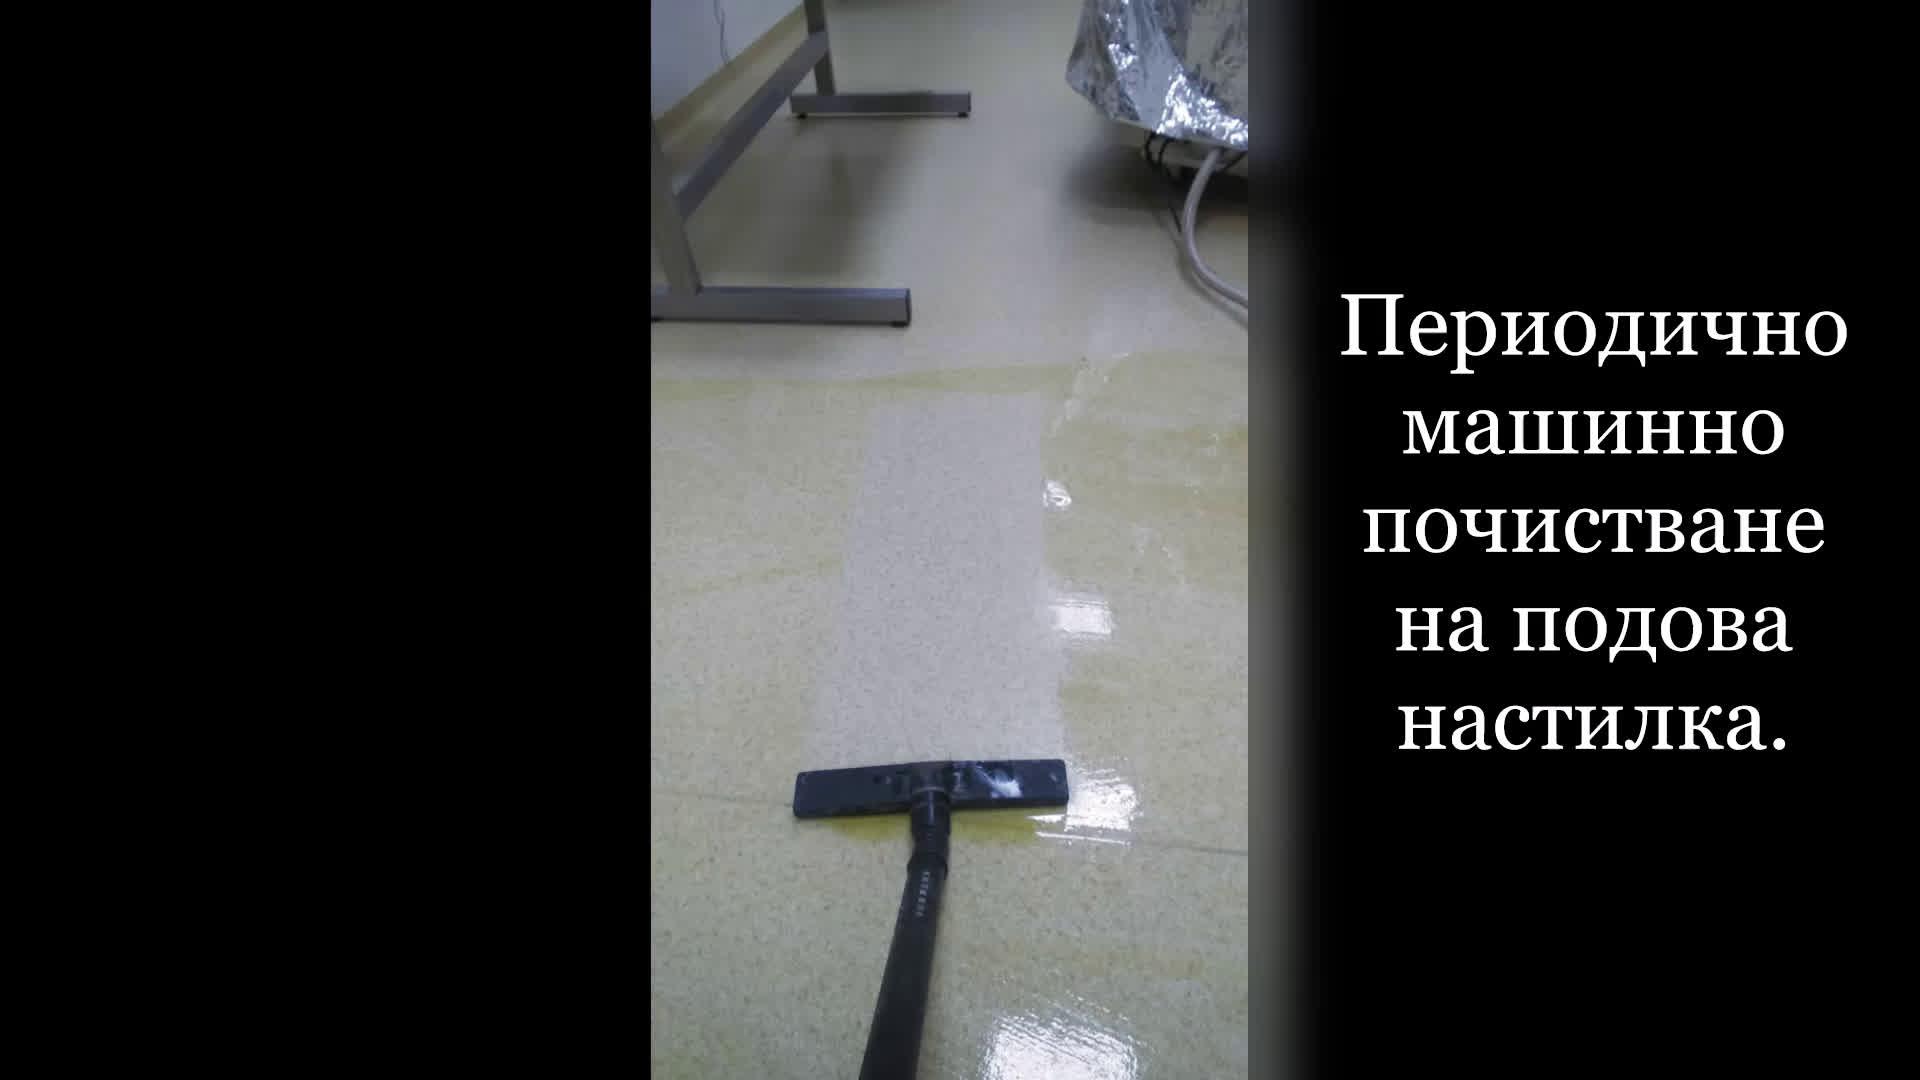 Почистване на промо оферти.mp4